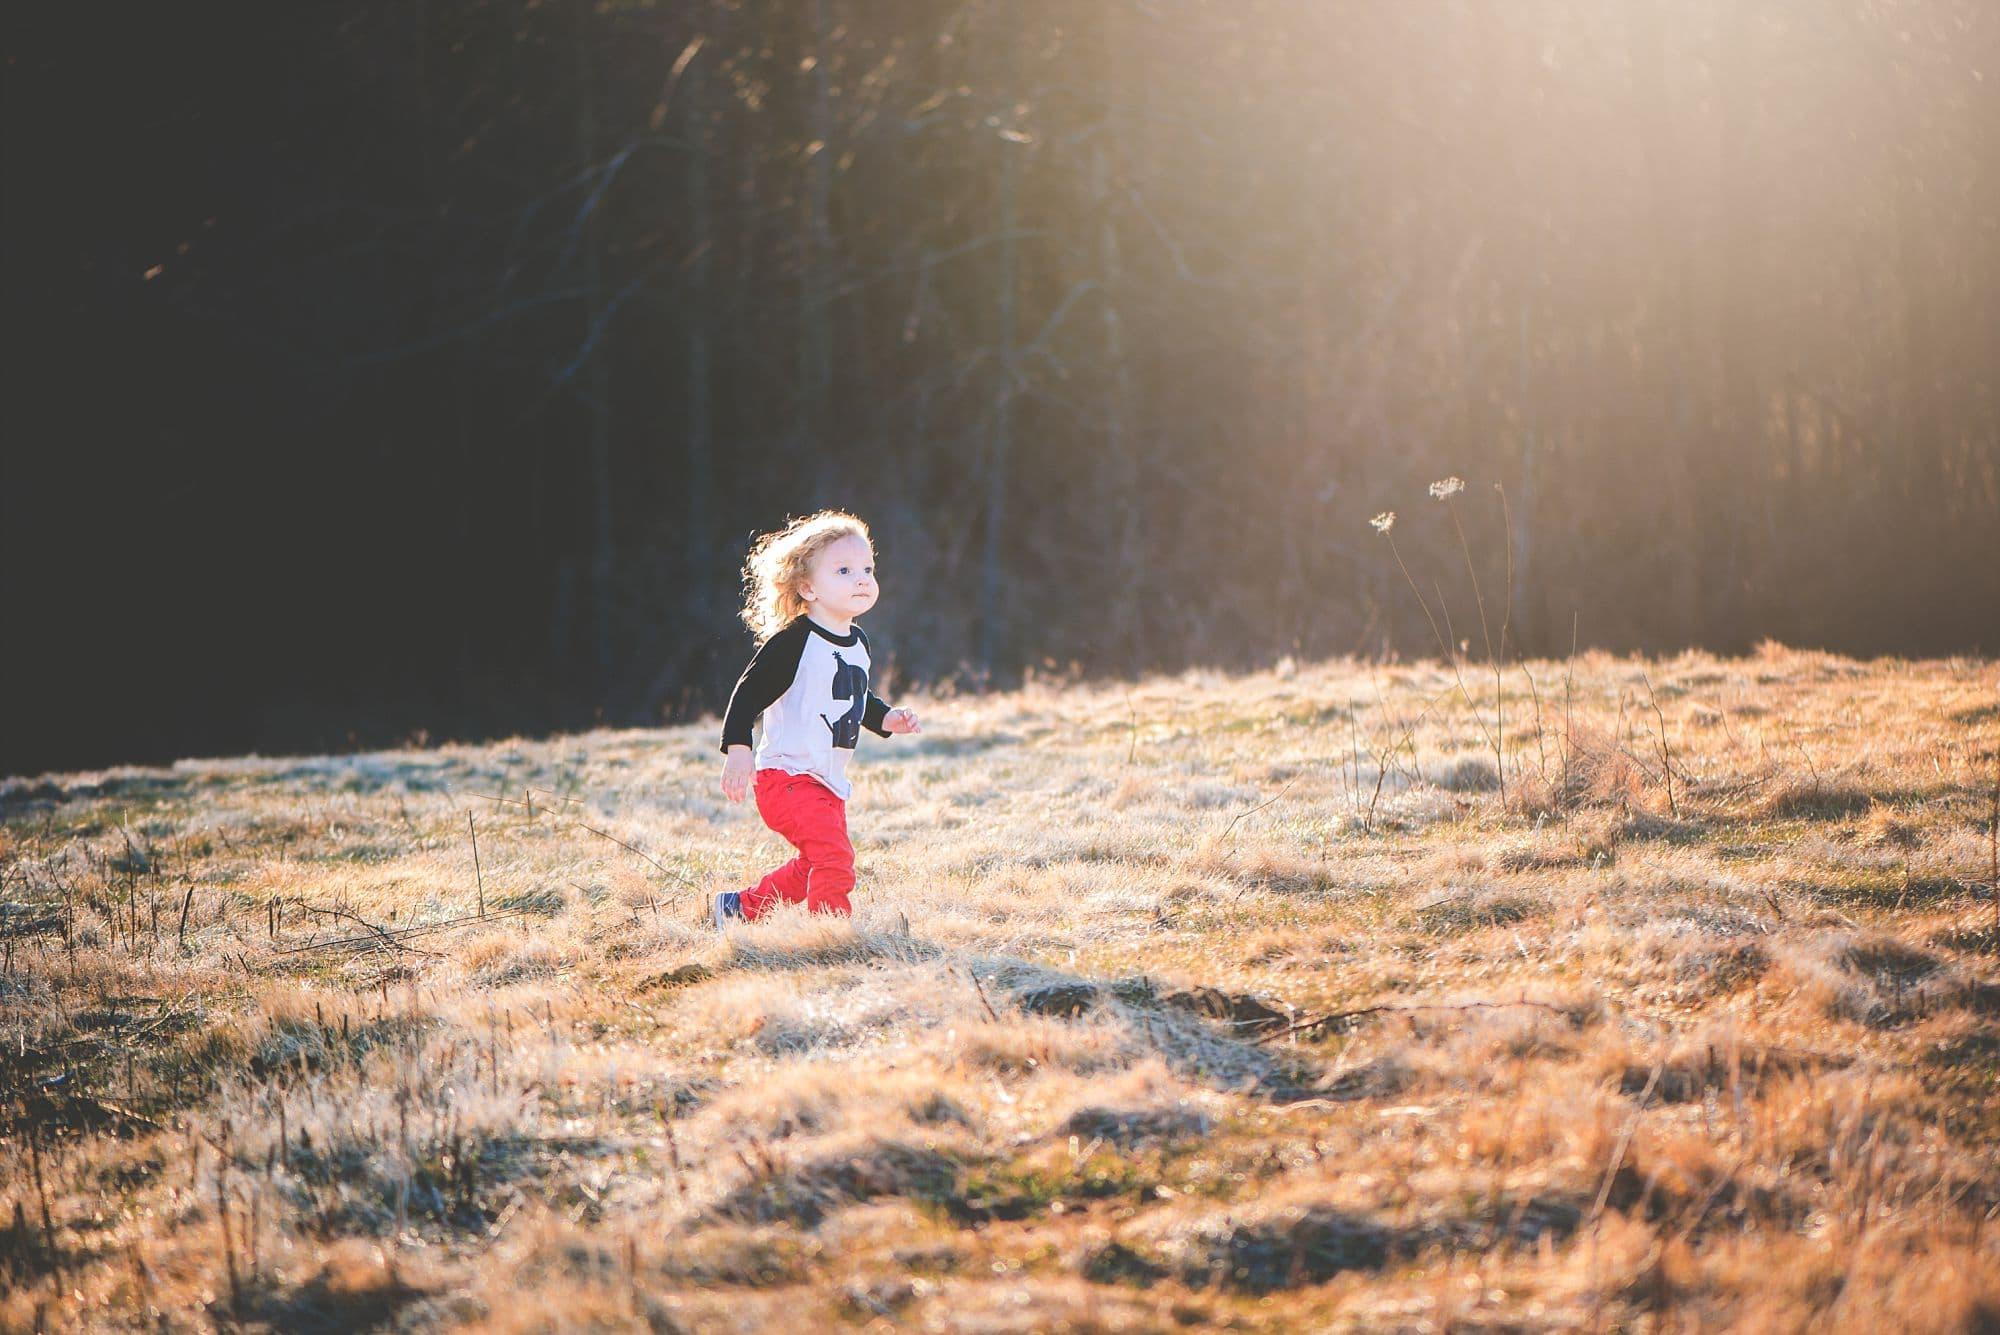 Child running through a sunlight field during golden hour